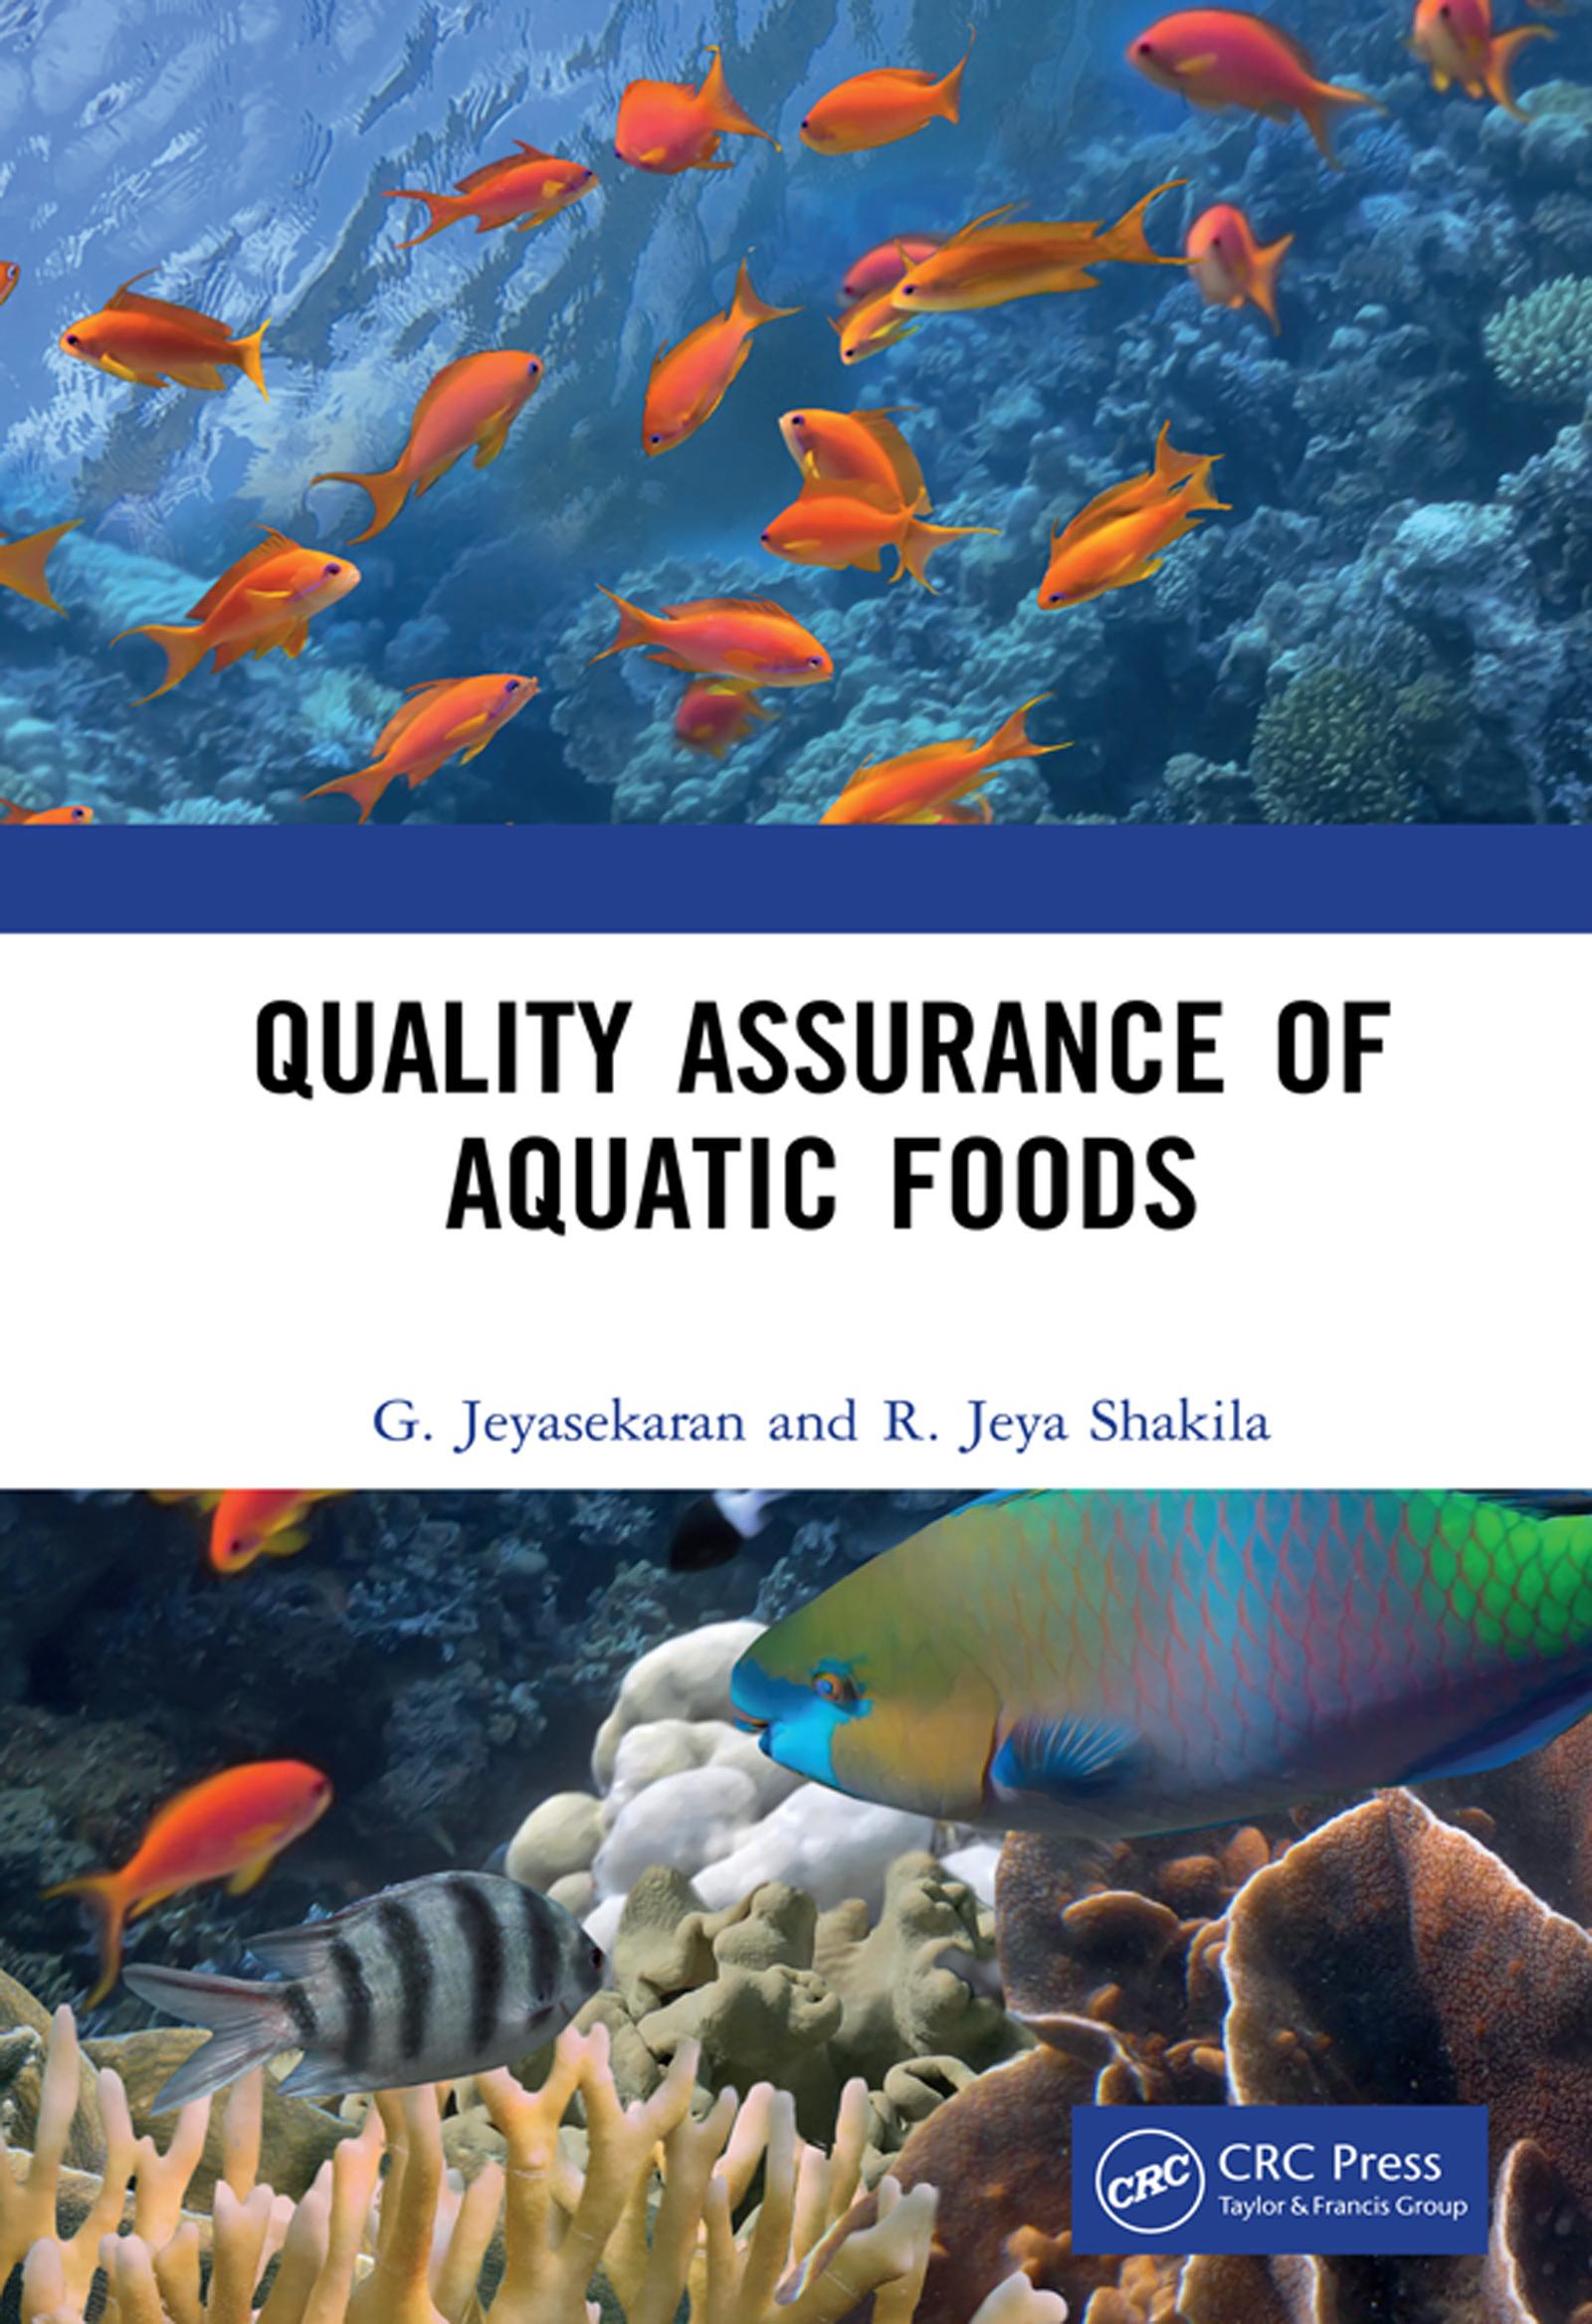 Quality Assurance of Aquatic Foods